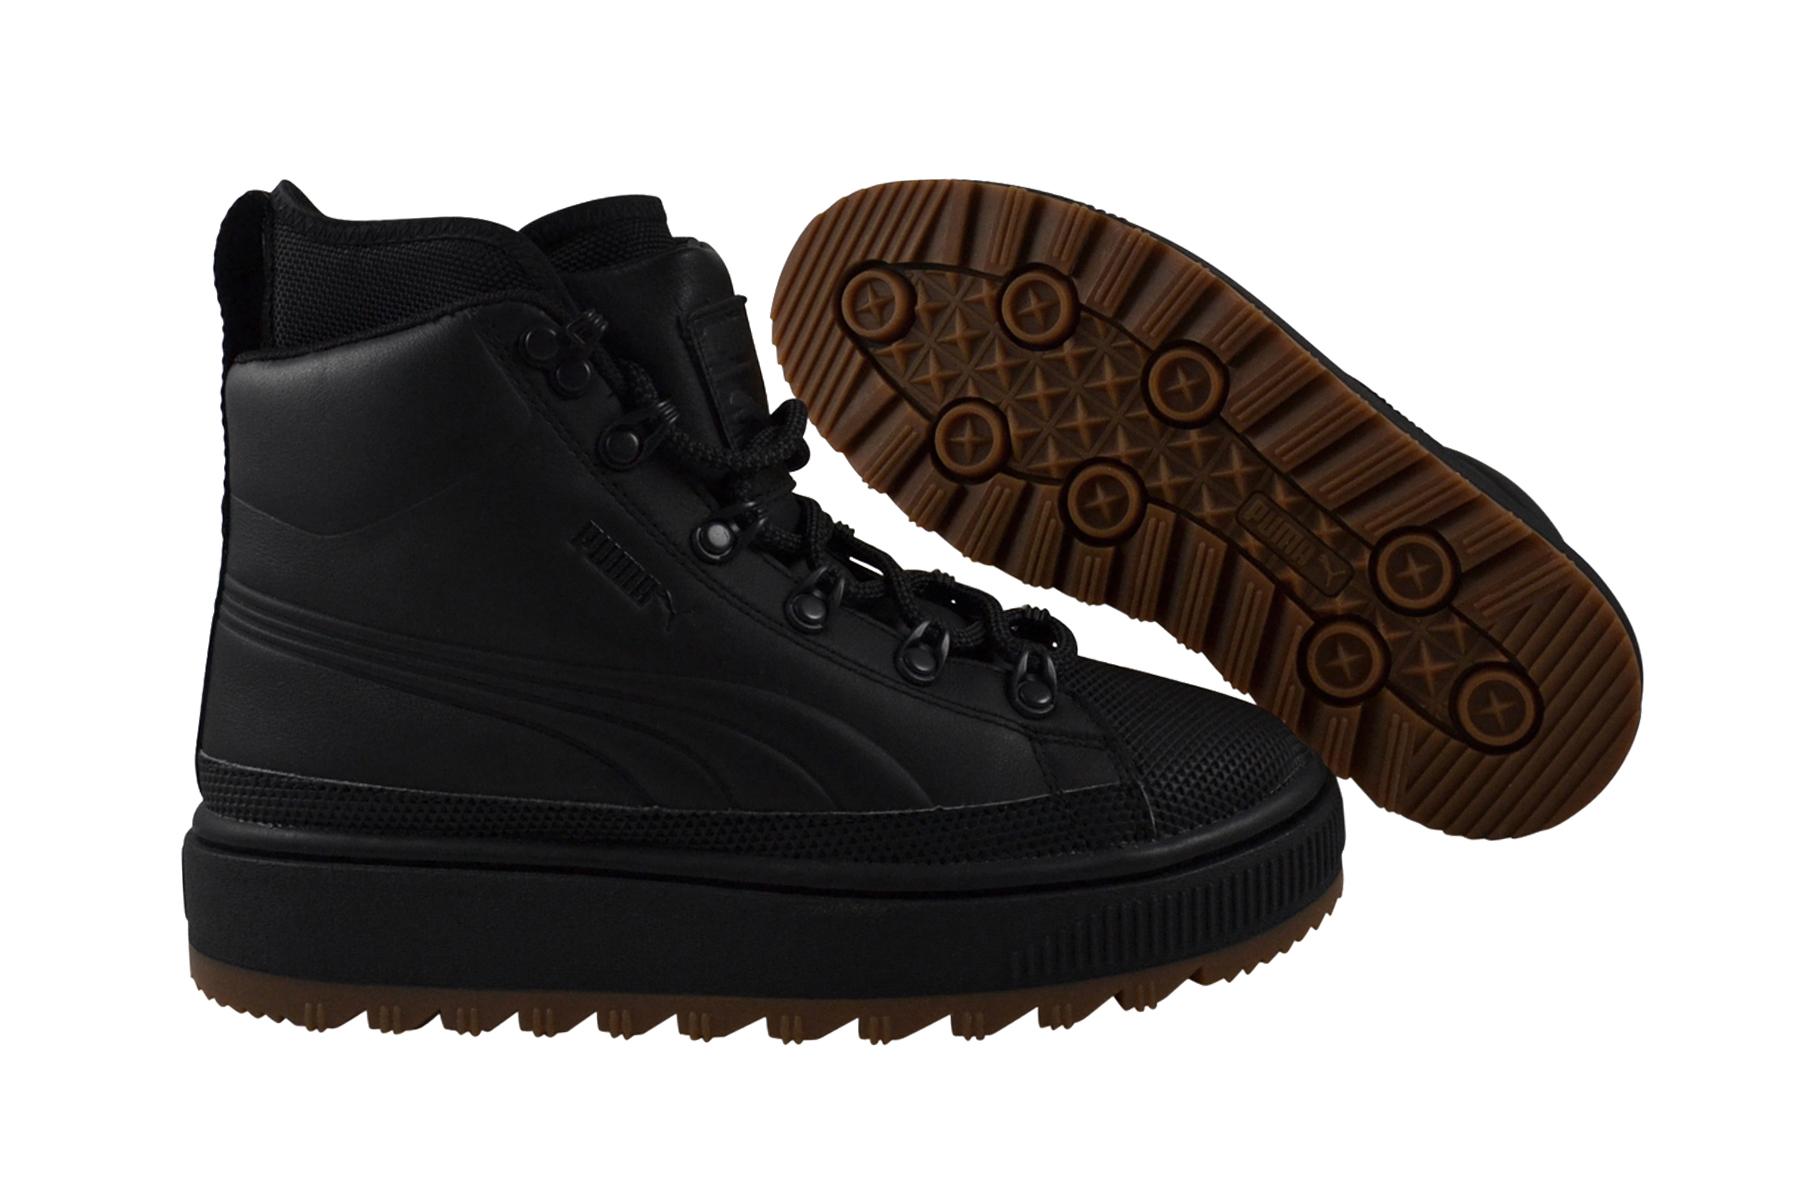 811a5dd823b Puma The Ren Boot black Sneaker Schuhe schwarz 363366 01